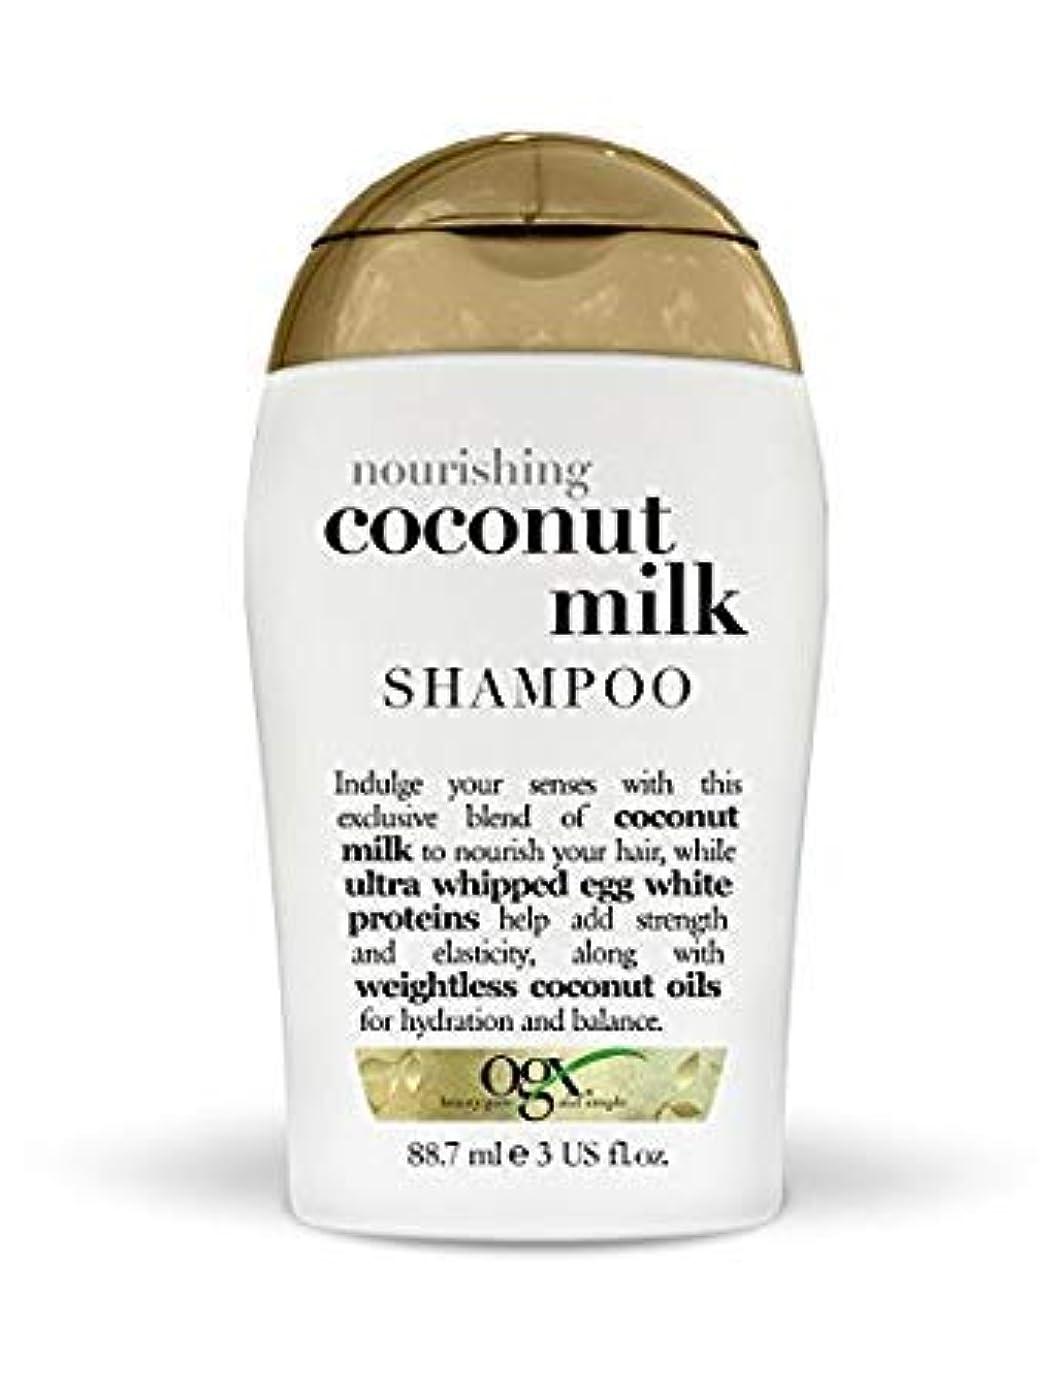 大学院準備に向けて出発2個セット OGX Nourishing Coconut Milk Shampoo -Travel Size - 3 fl oz 88.7 ml [並行輸入品]